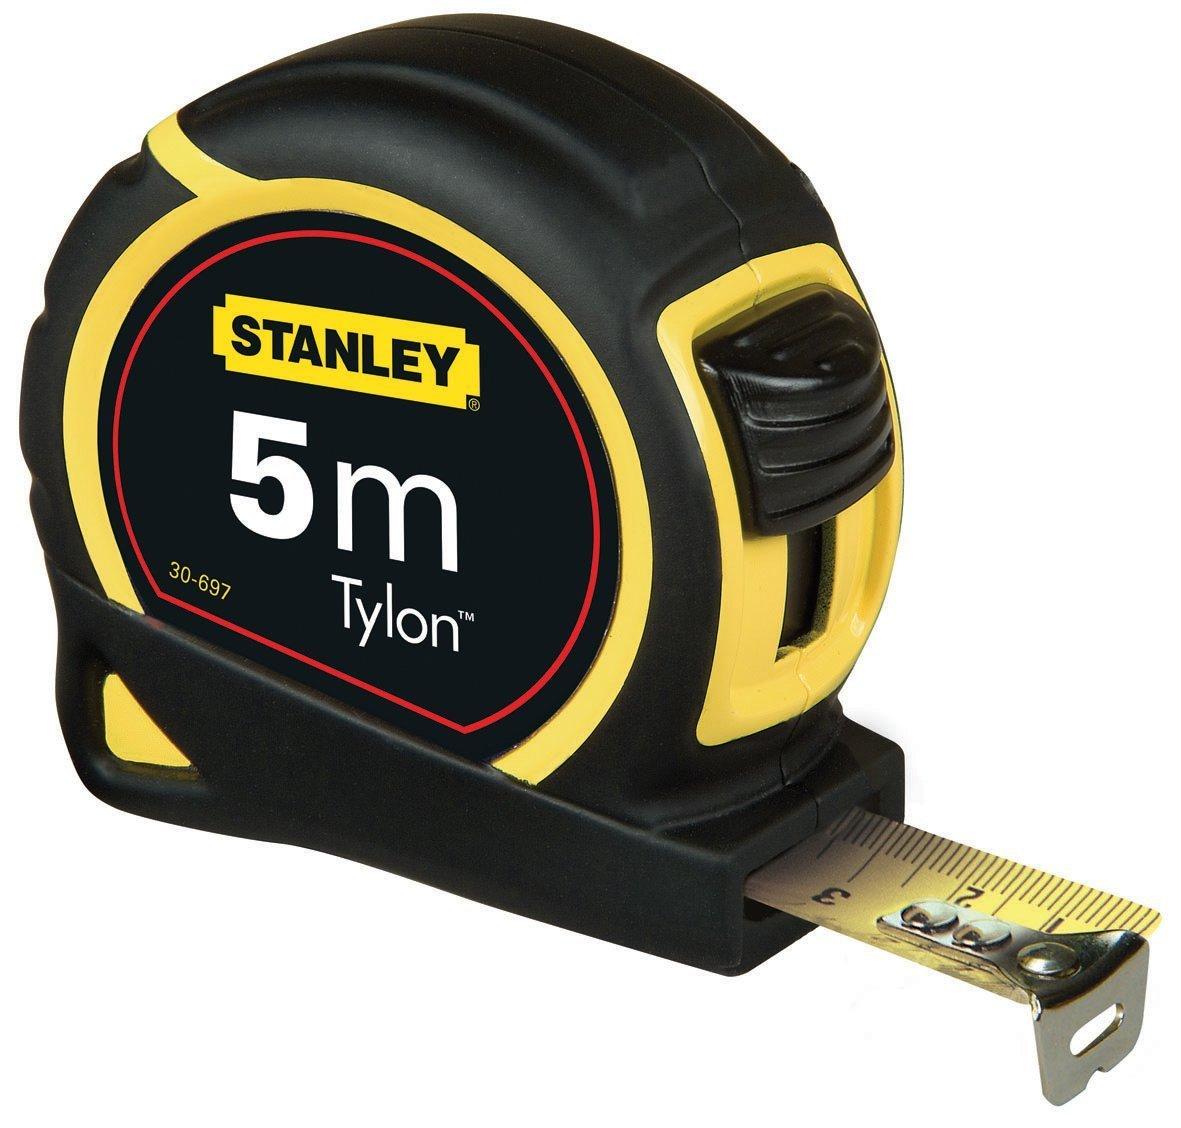 Cinta métrica Stanley por solo 7,91€